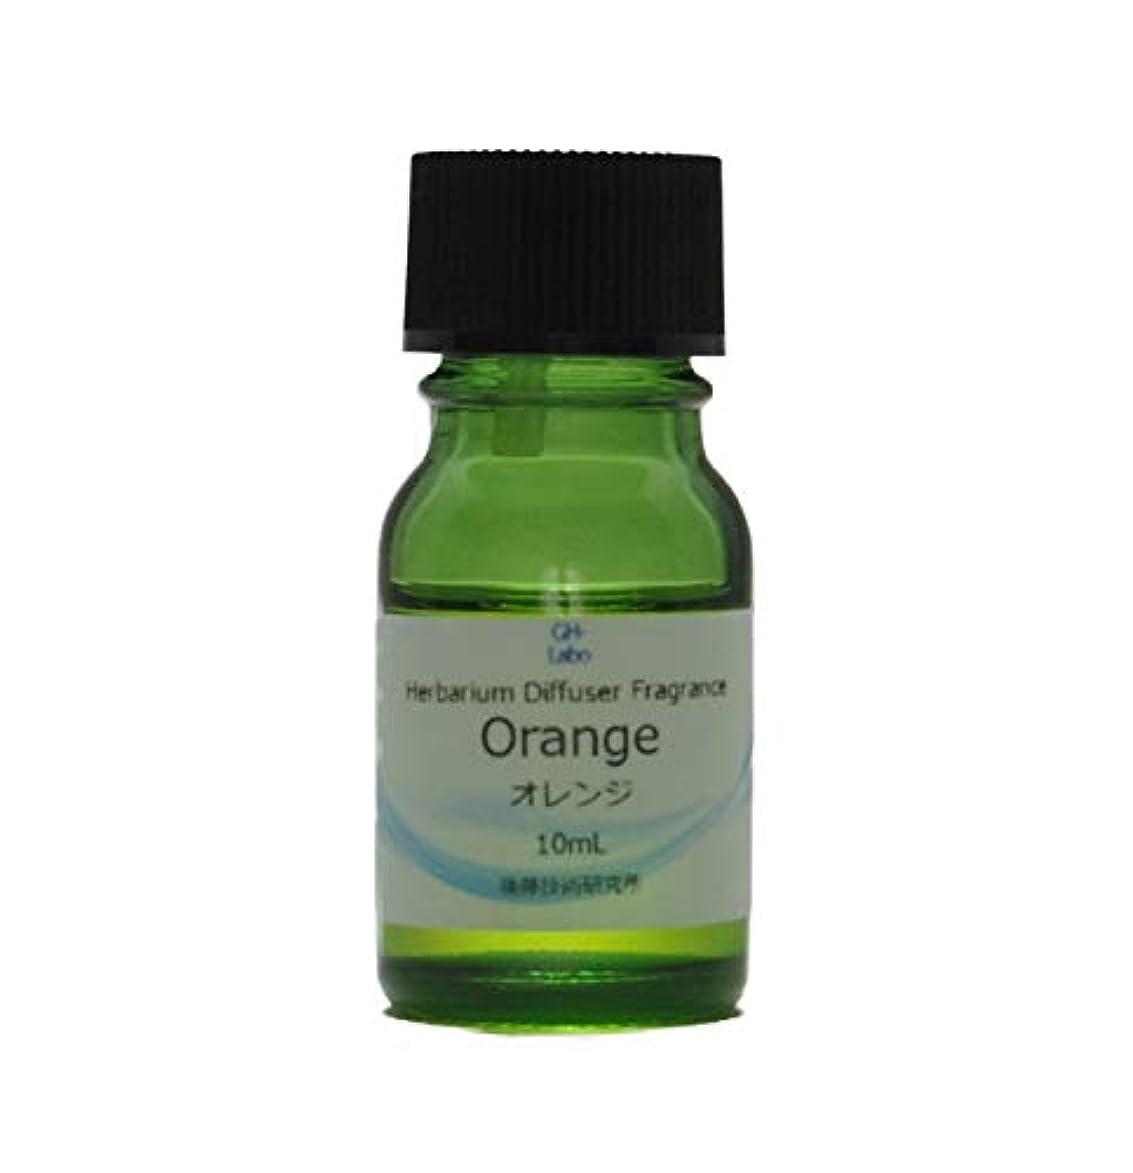 ペットラップトップジェスチャーオレンジ フレグランス 香料 ディフューザー ハーバリウム アロマオイル 手作り 化粧品